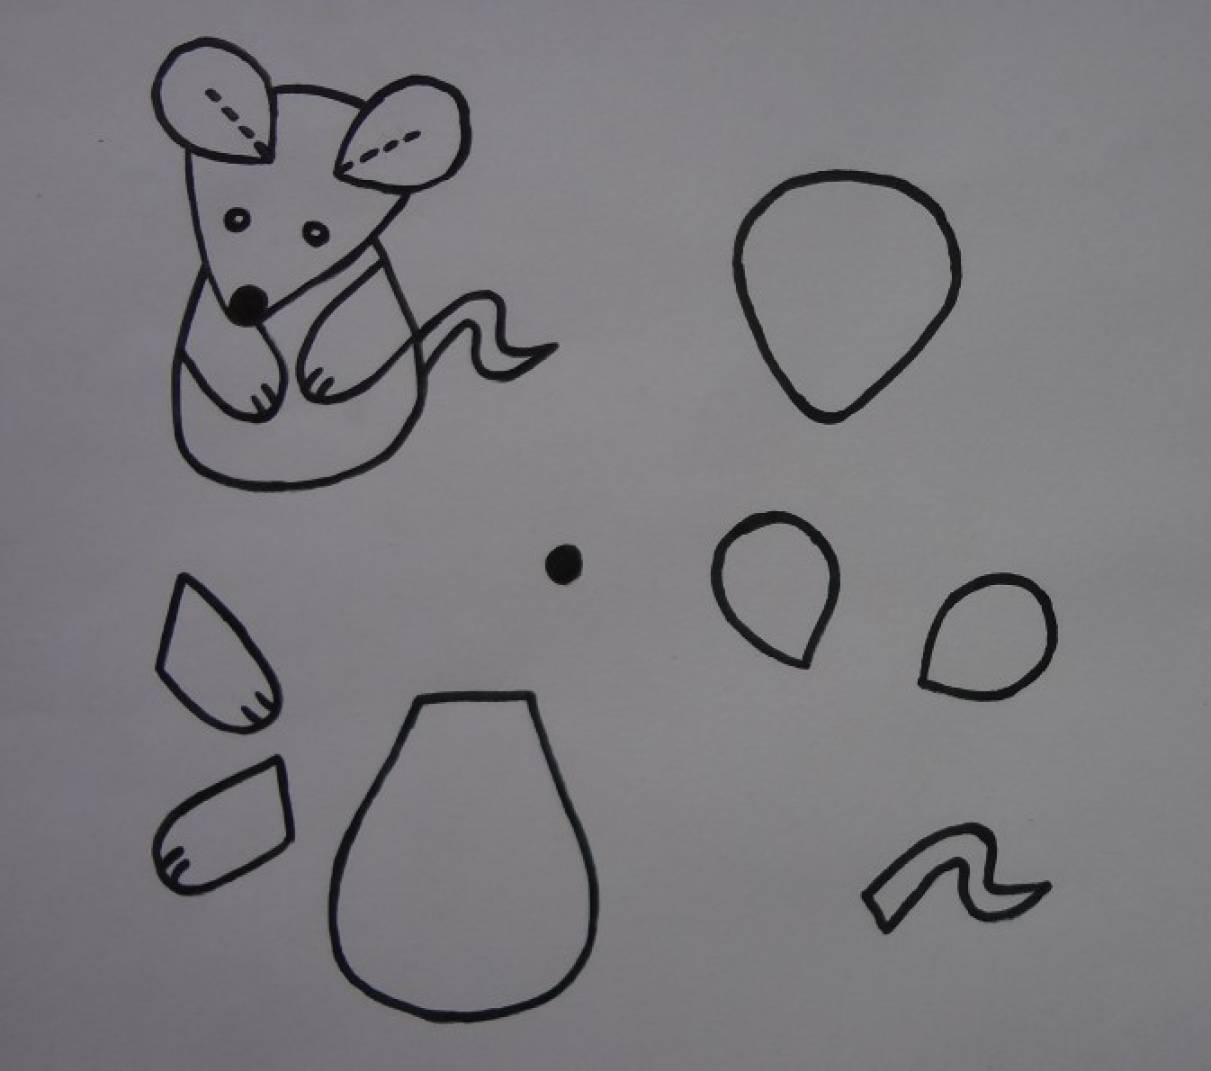 Пальчиковый театр из фетра своими руками «Курочка ряба». Мастер-класс и выкройка мышки